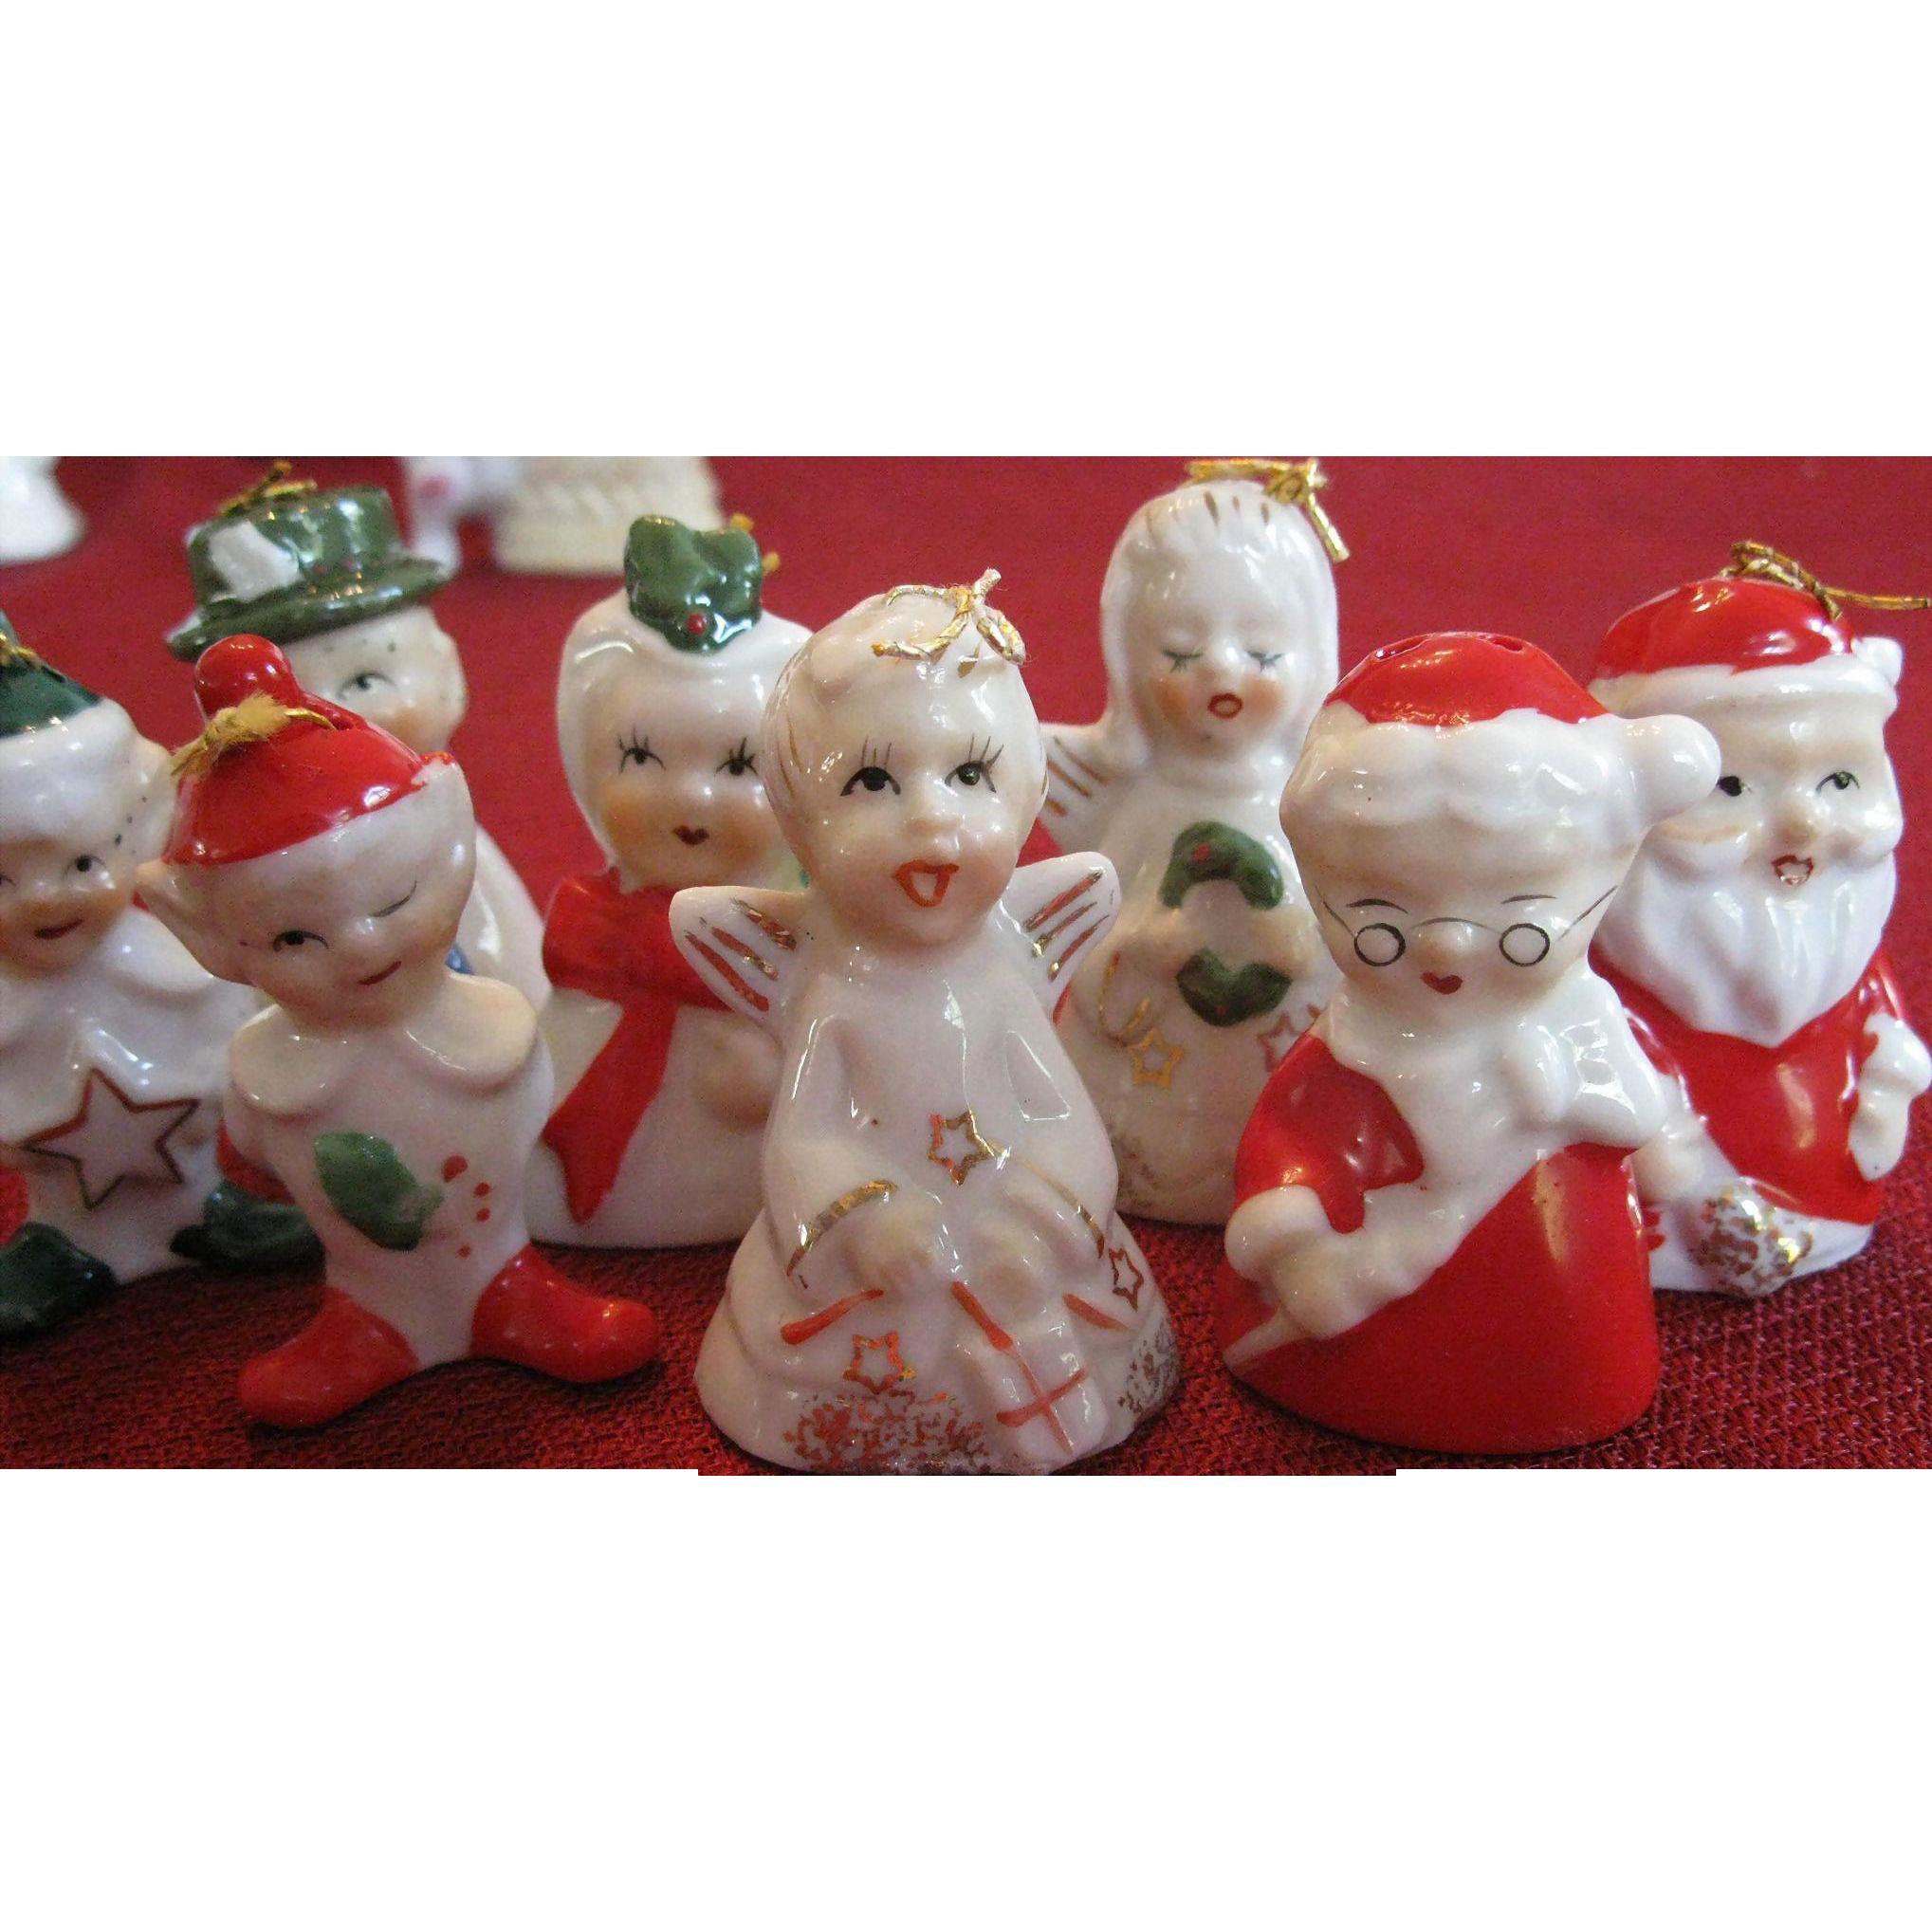 Vintage Set of 8 Yuletide Novelty Porcelain Tree Ornaments, Japan ...